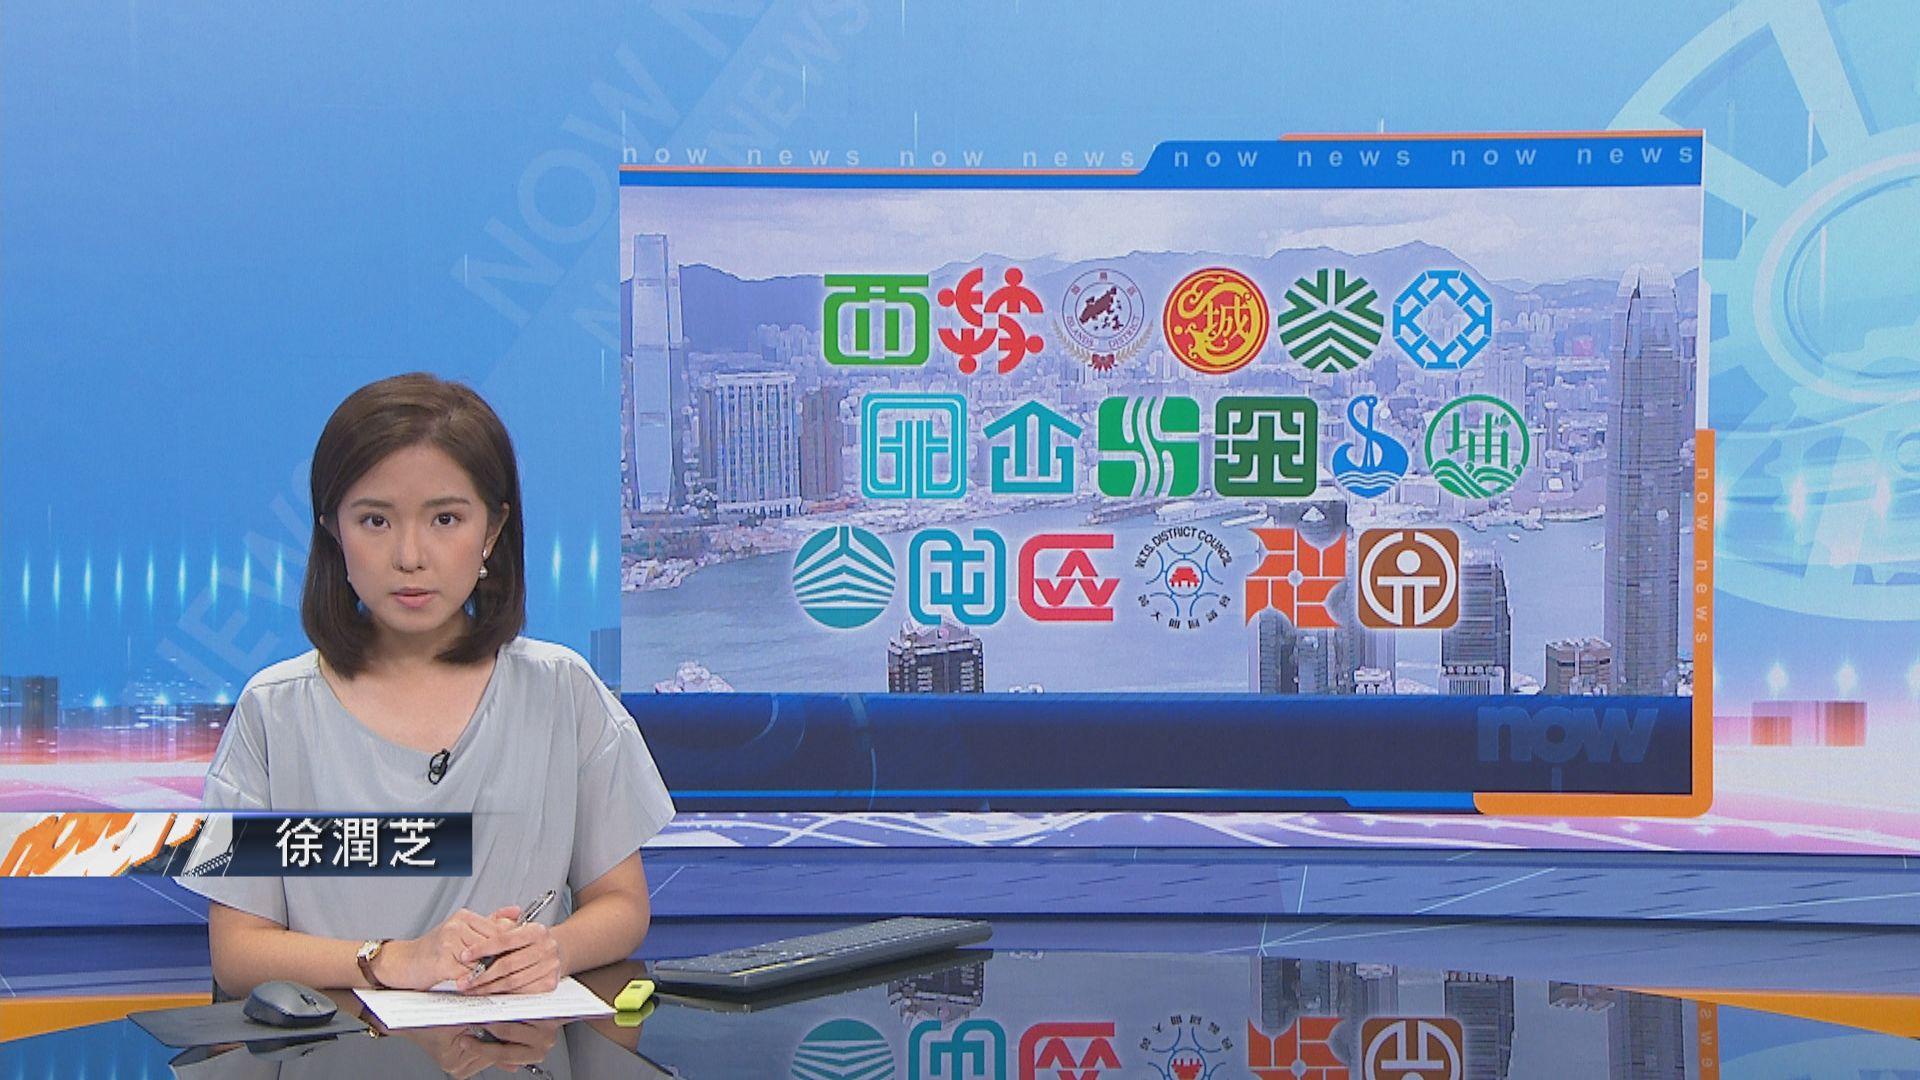 林鄭:準確執行宣誓條例 區議會運作非考慮因素